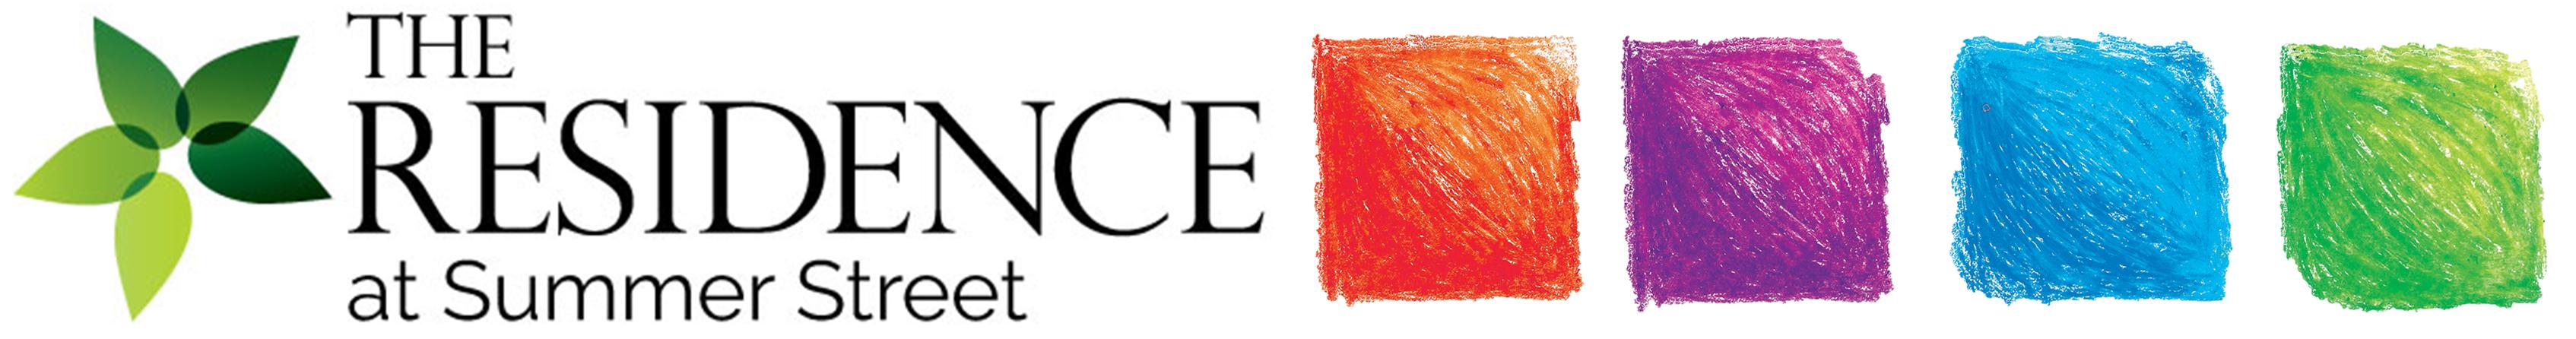 LCB-Logos_0003_Summer-1